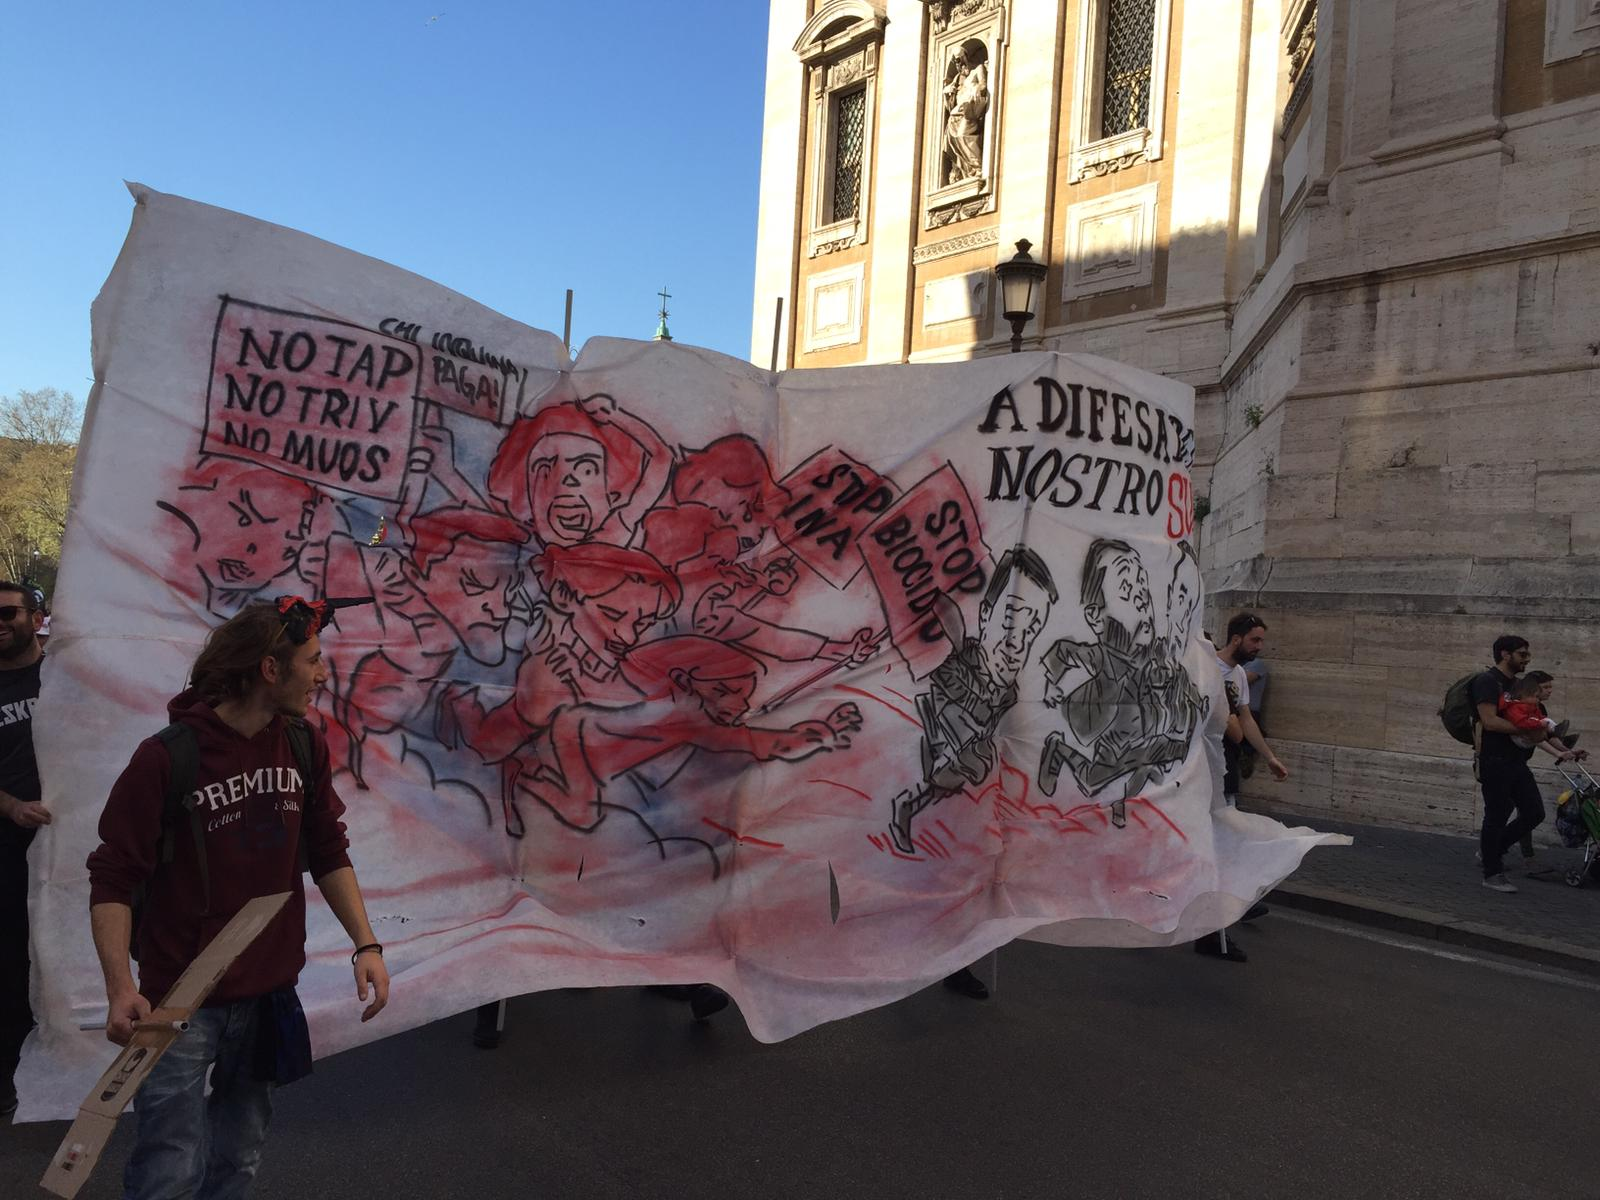 Il 23 Marzo a Roma e il silenzio mediatico